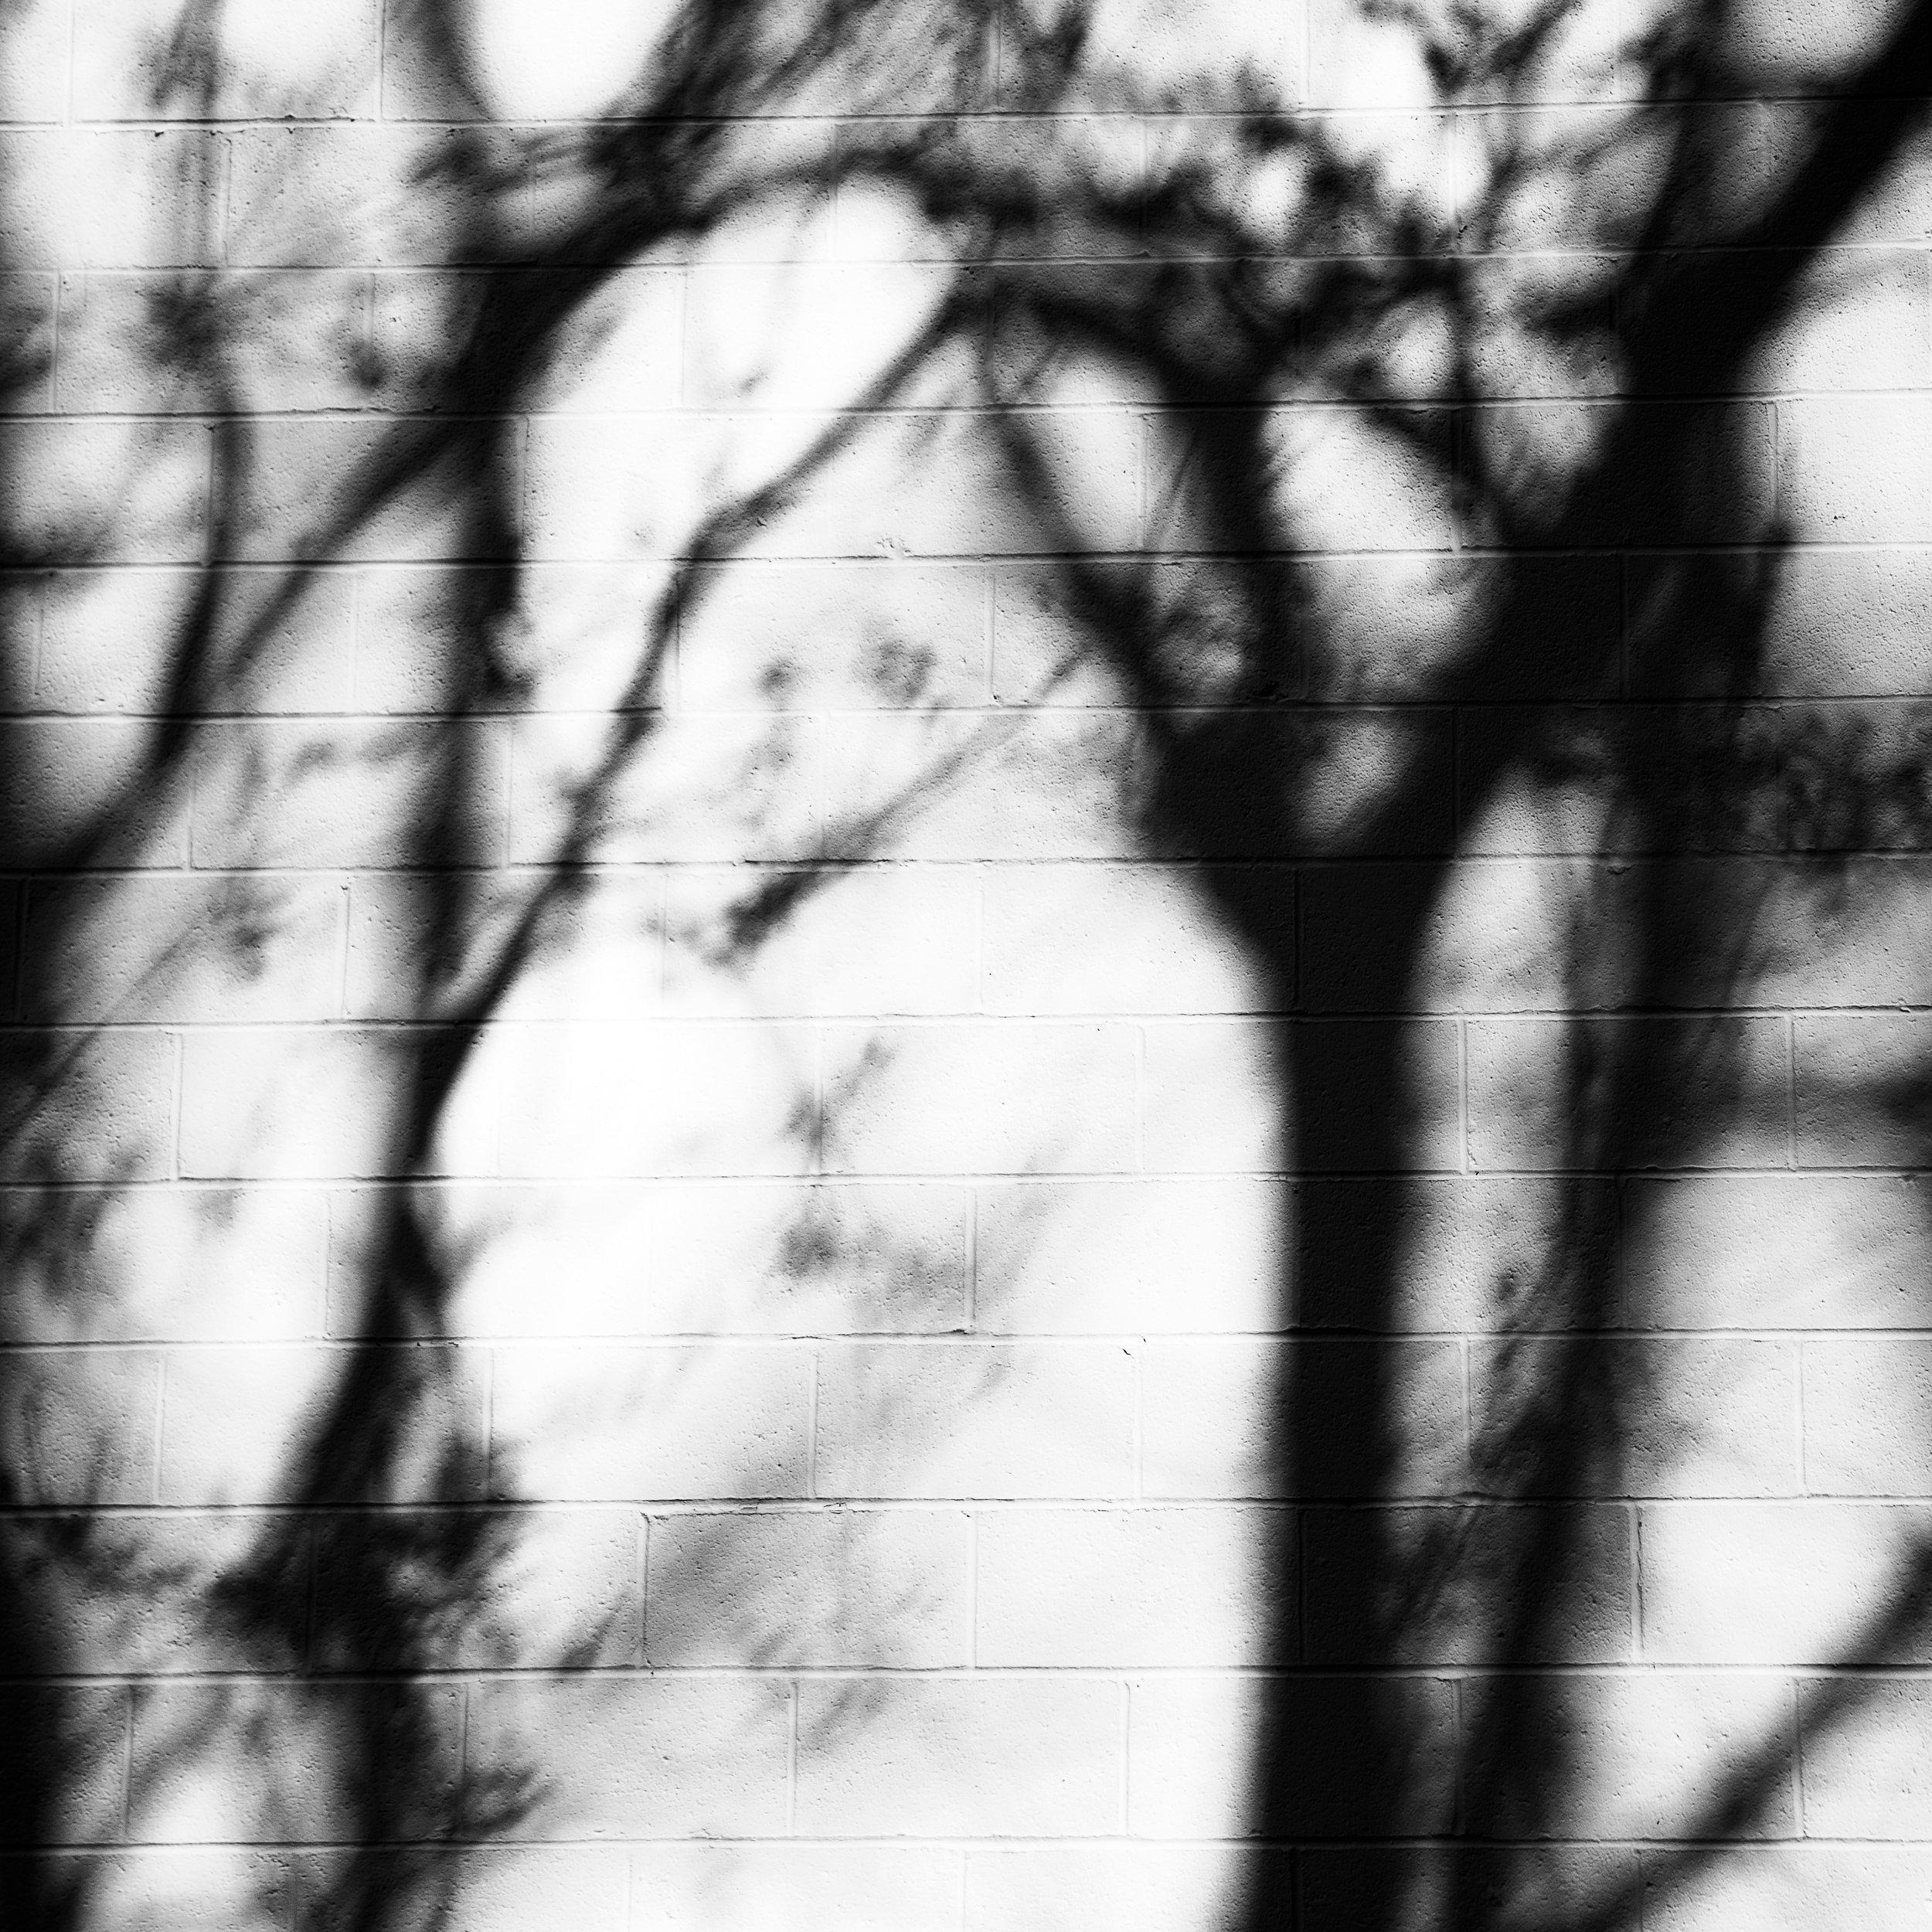 © Amelia Ingraham 2018